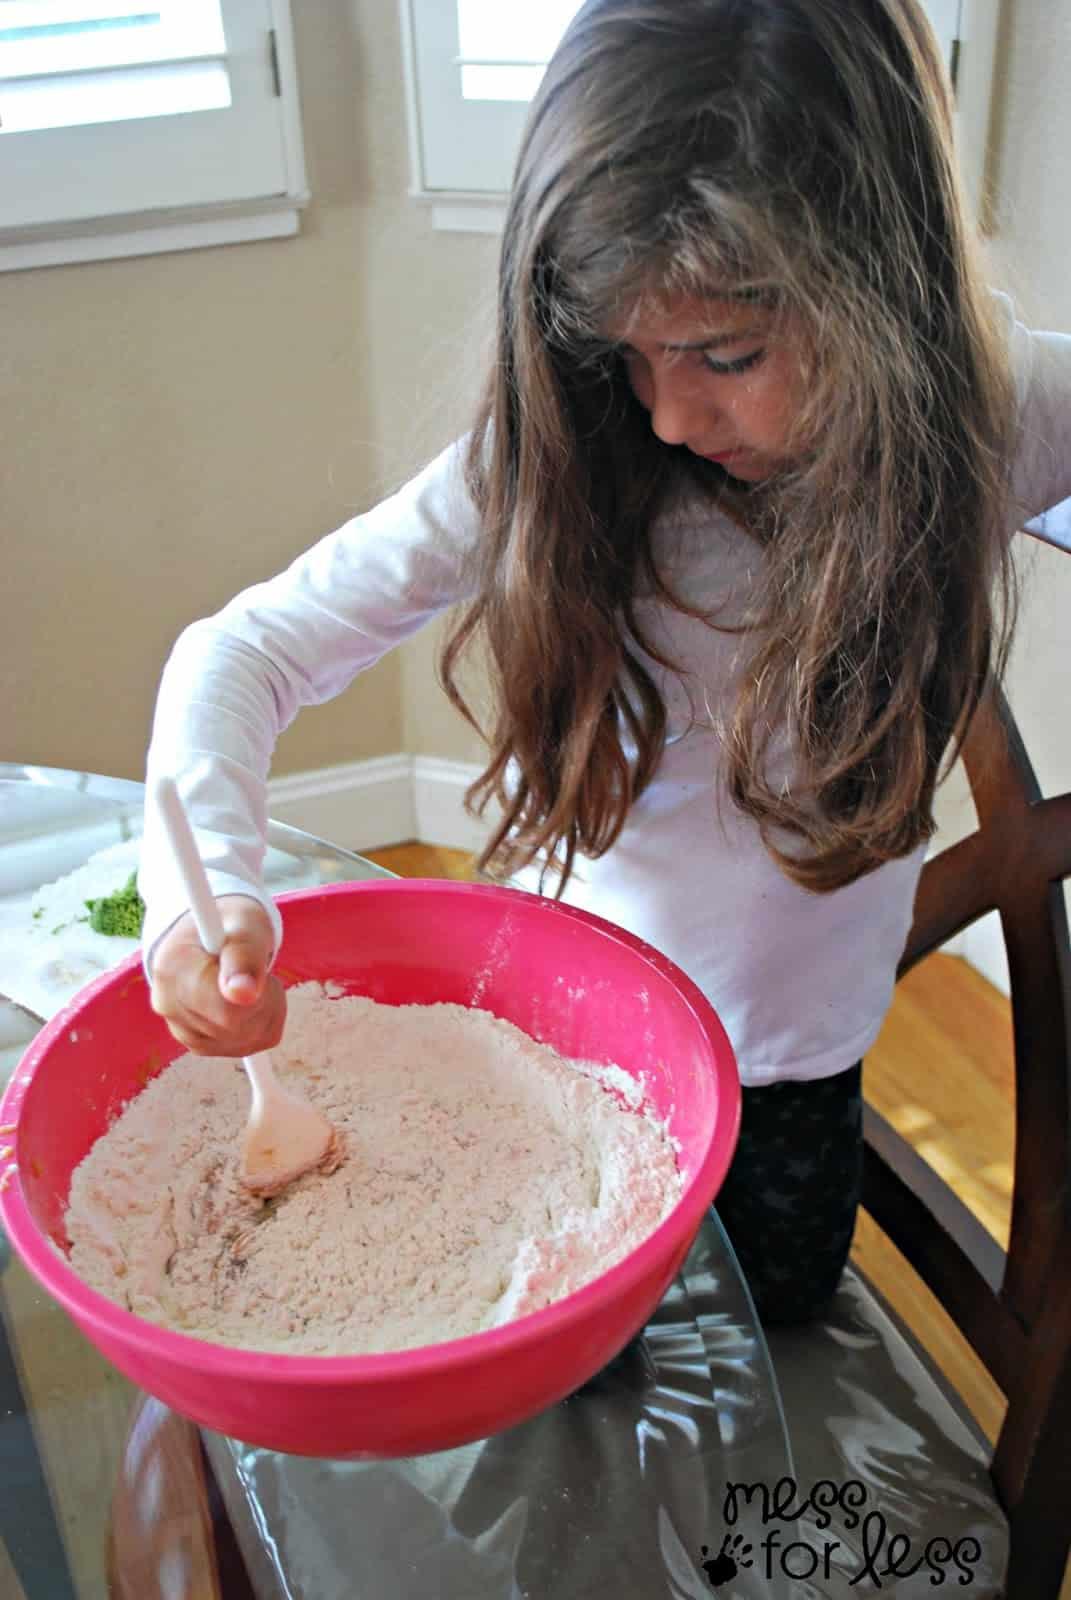 child making zucchini bread